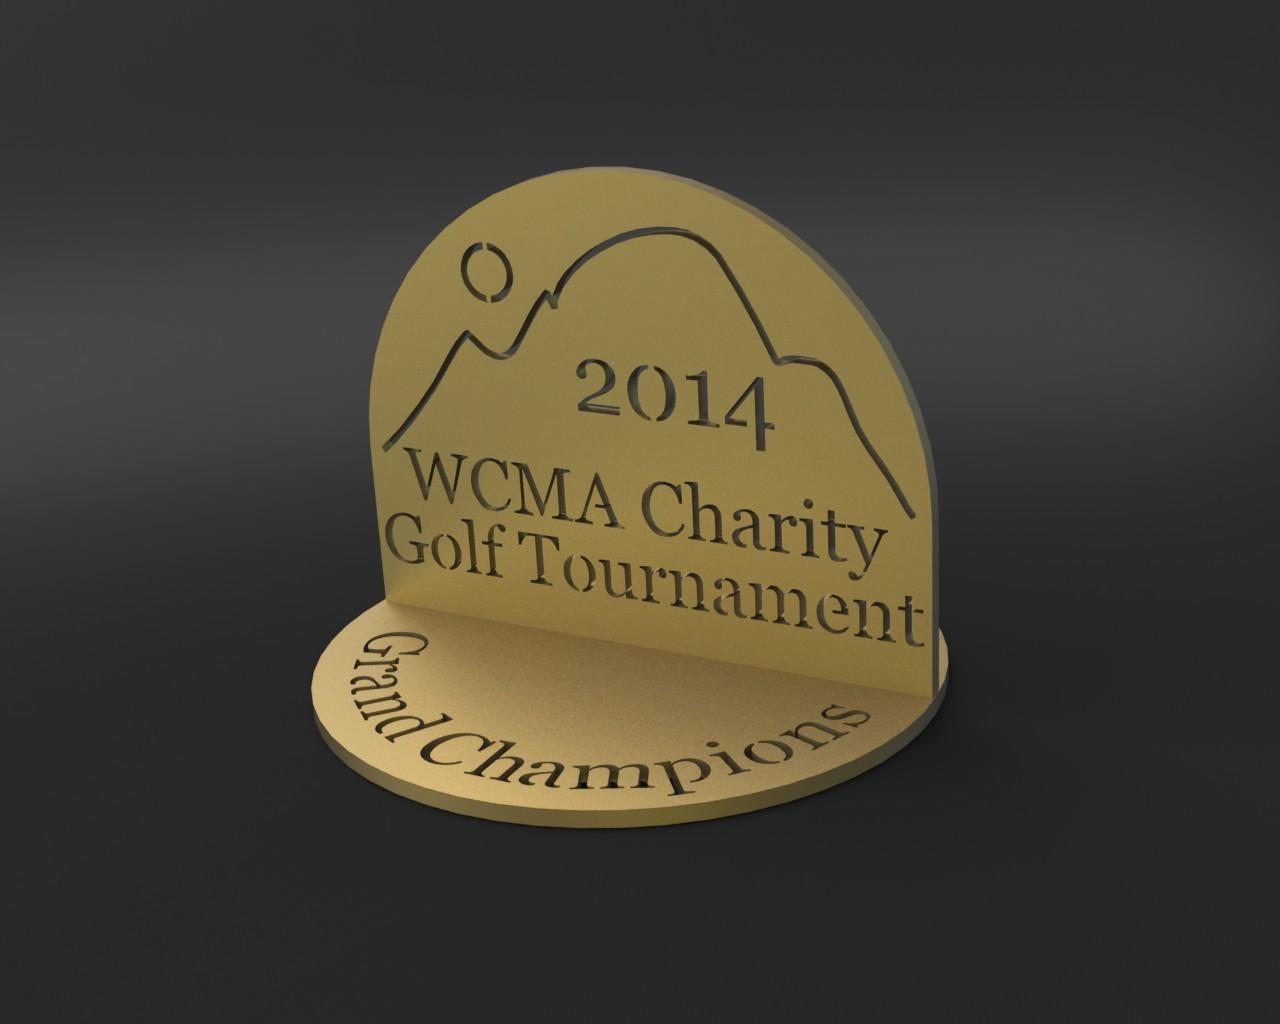 WALNUT COVE -Golf Charity Award